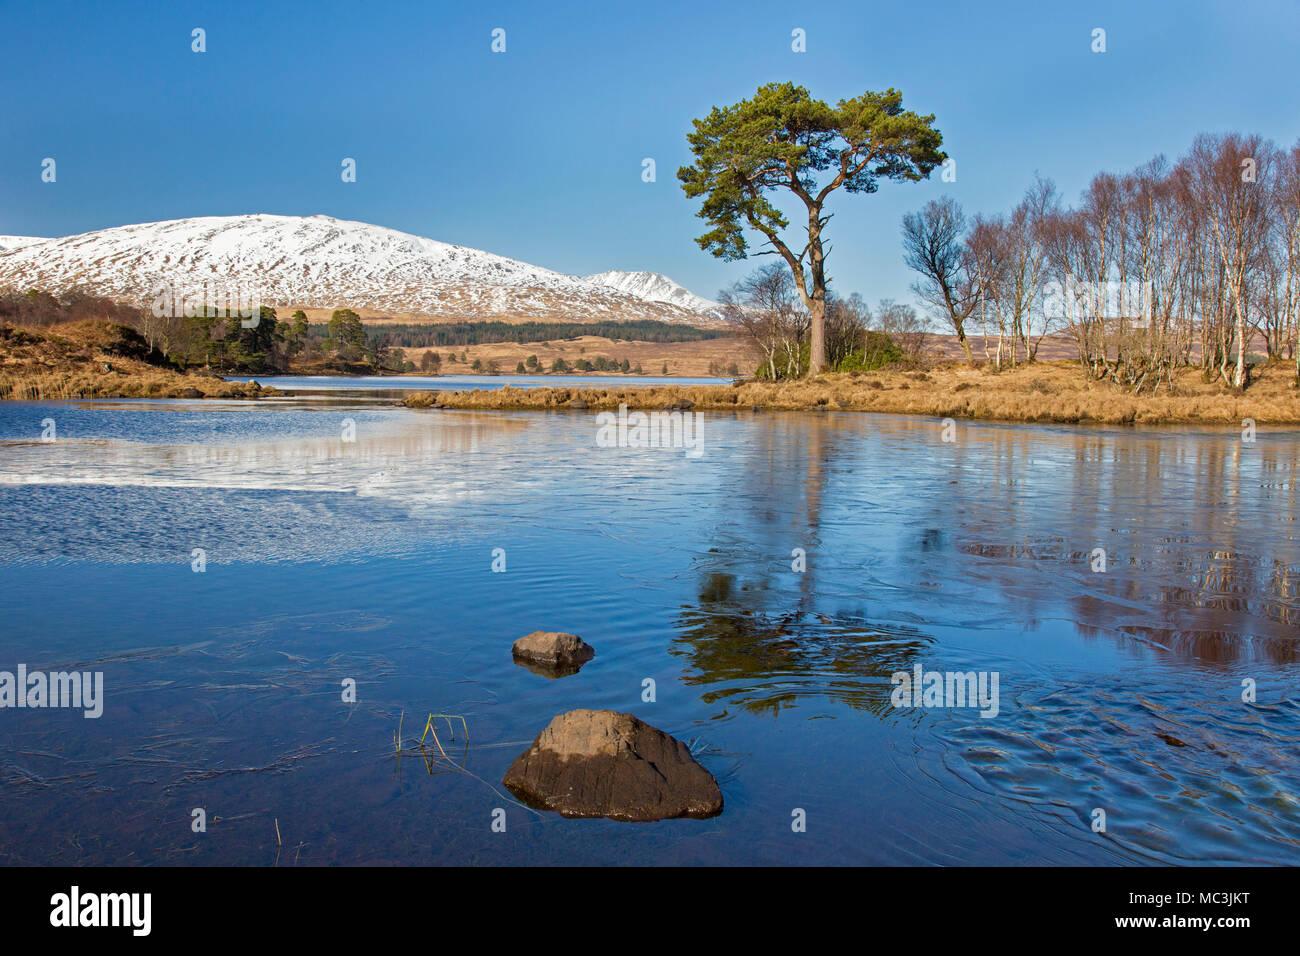 Di pino silvestre (Pinus sylvestris) lungo il Loch Tulla nelle Highlands scozzesi in inverno, Argyll and Bute, Scotland, Regno Unito Immagini Stock